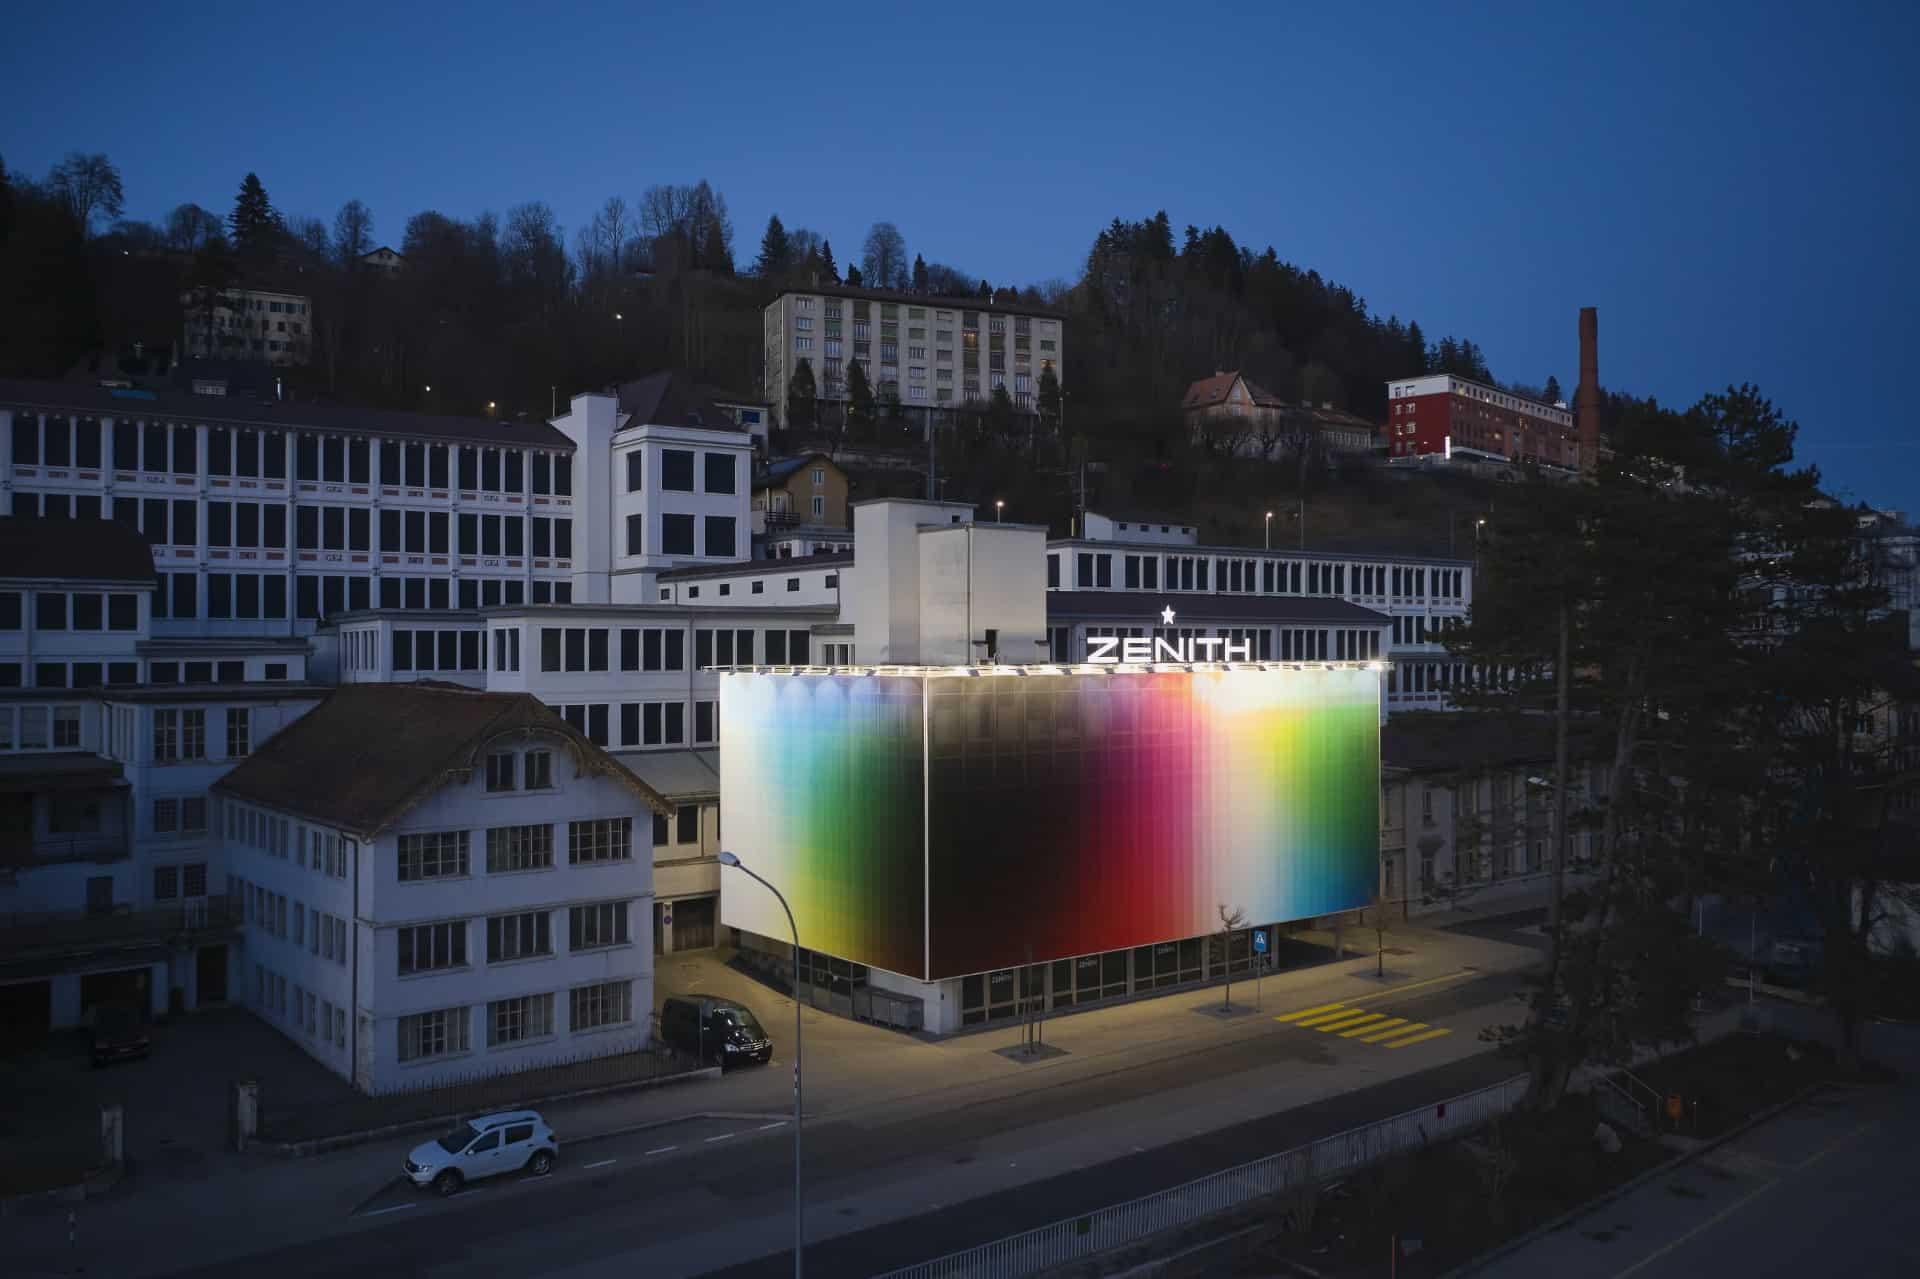 Uhrenmanufaktur Zenith in Le Locle nach der Inszenierung durch Felipe Pantone im Jahr 2020